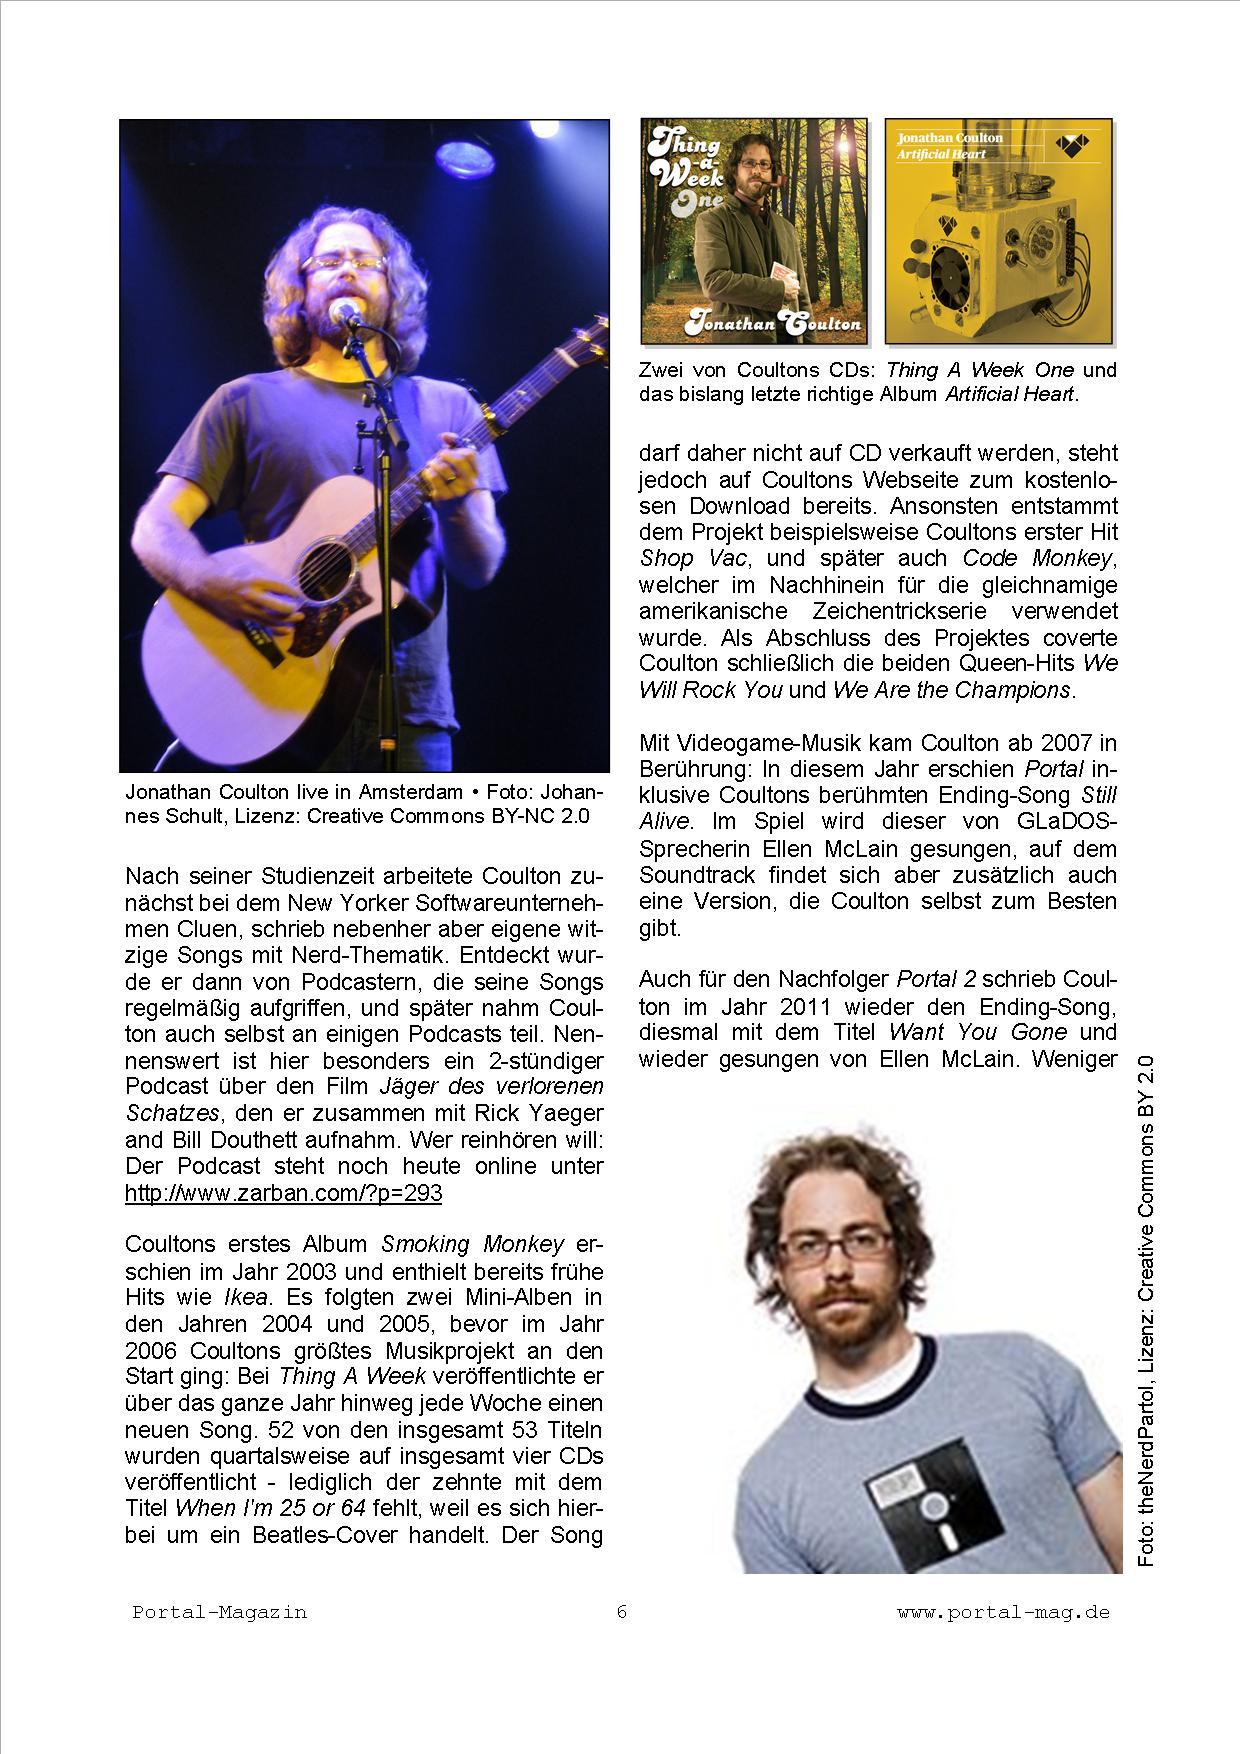 Ausgabe 36, Seite 6